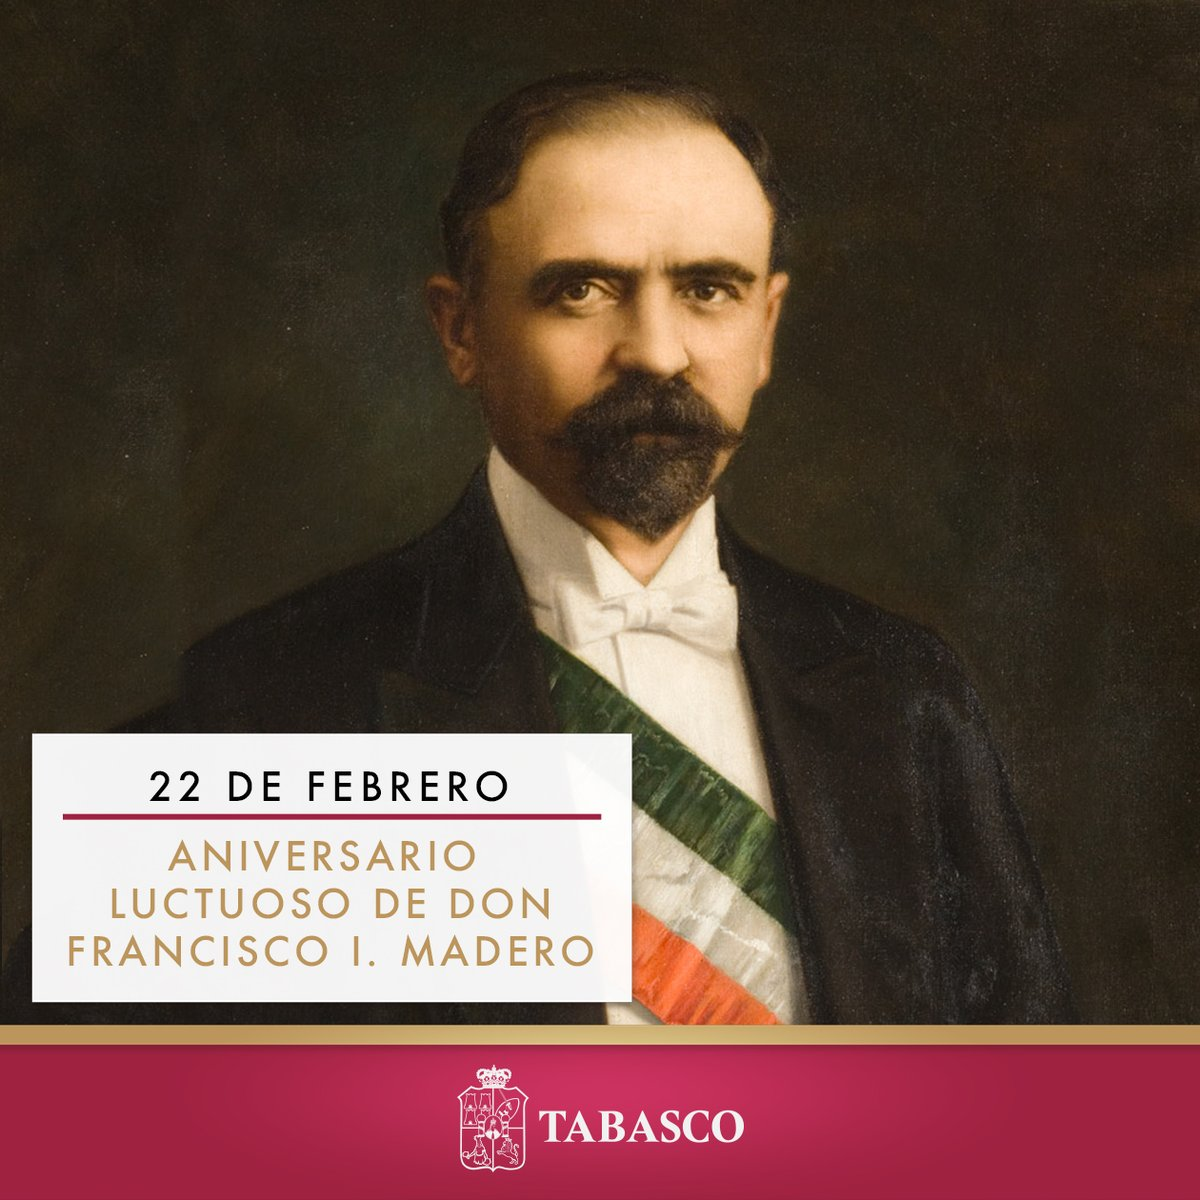 Hoy conmemoramos el 108 aniversario luctuoso de Francisco I. Madero, una figura trascendental para la consolidación de un México más democrático y plural https://t.co/ceUjzY1ukm